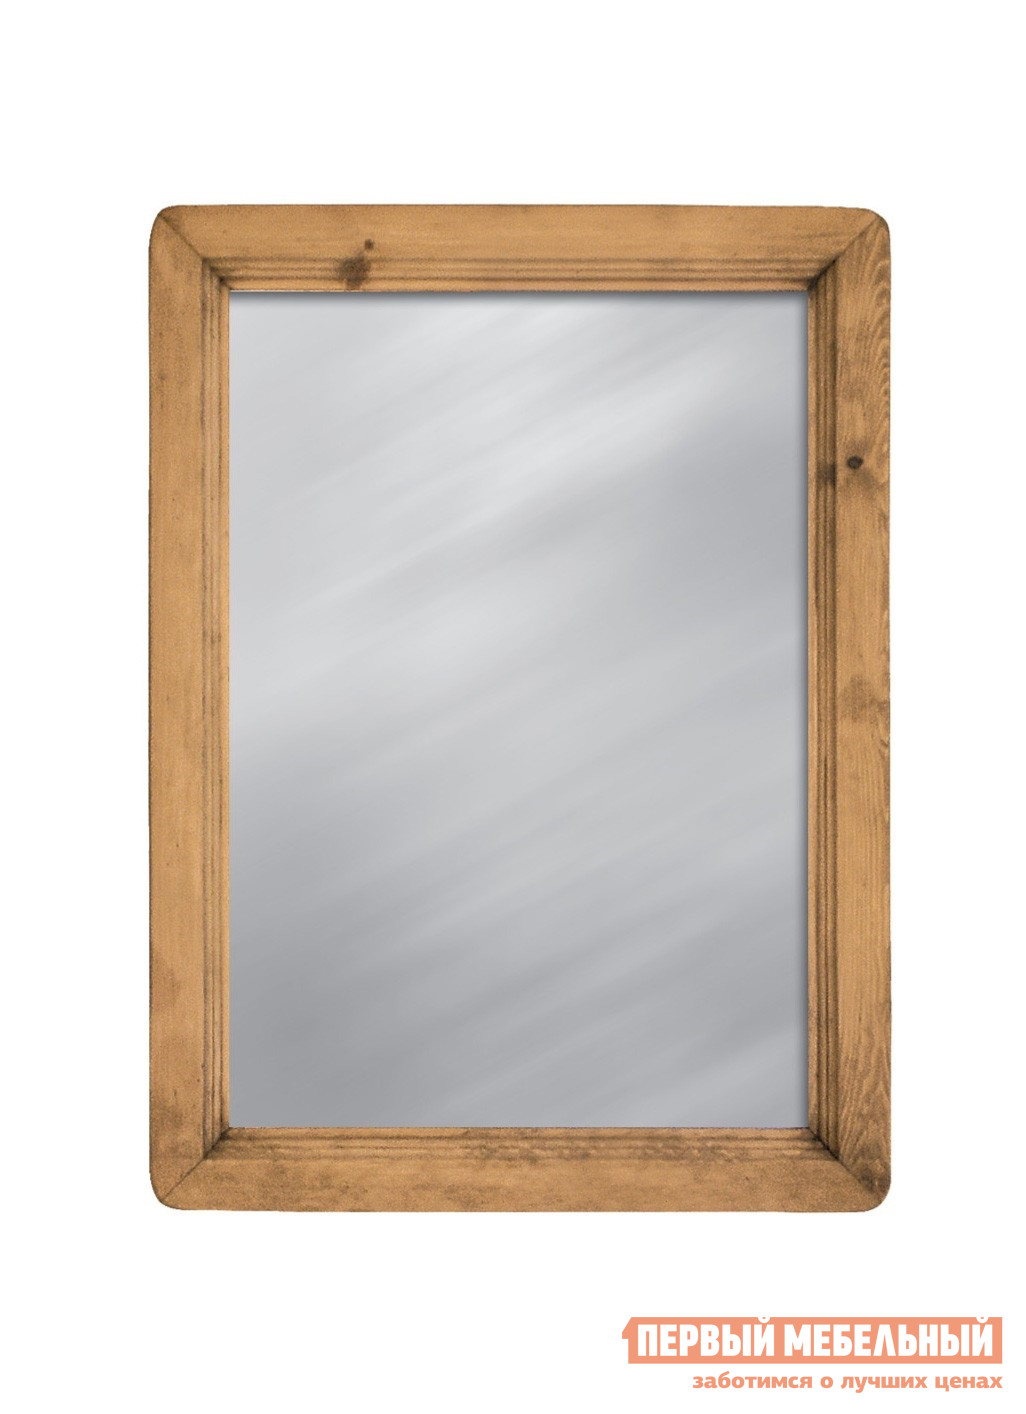 Купить со скидкой Настенное зеркало Волшебная сосна MIRMEX 70 x 95 Массив сосны